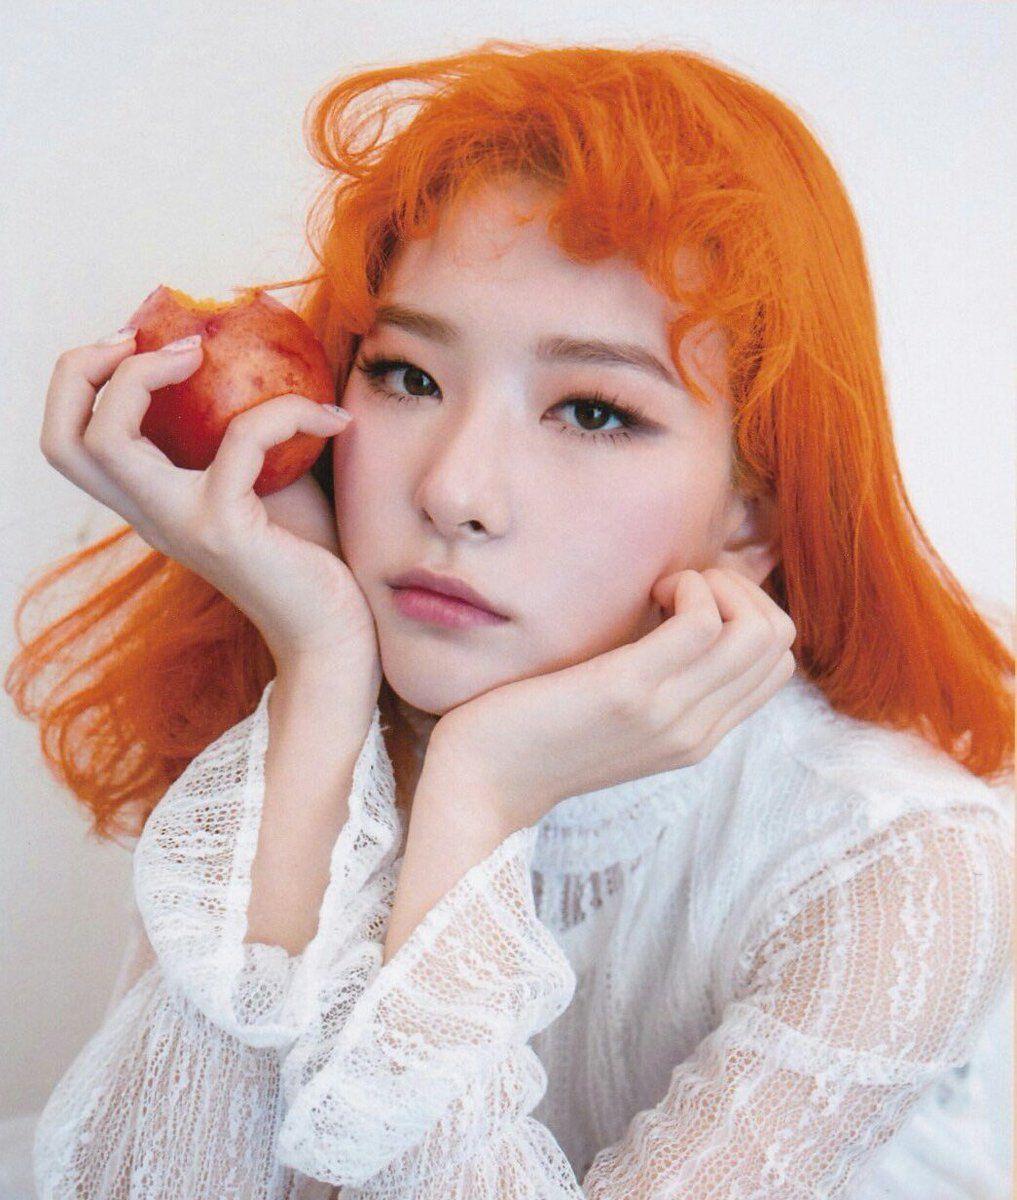 Kang Seulgi S Orange Hair Appreciation Tweet Red Velvet Orange Hair Red Velvet Seulgi